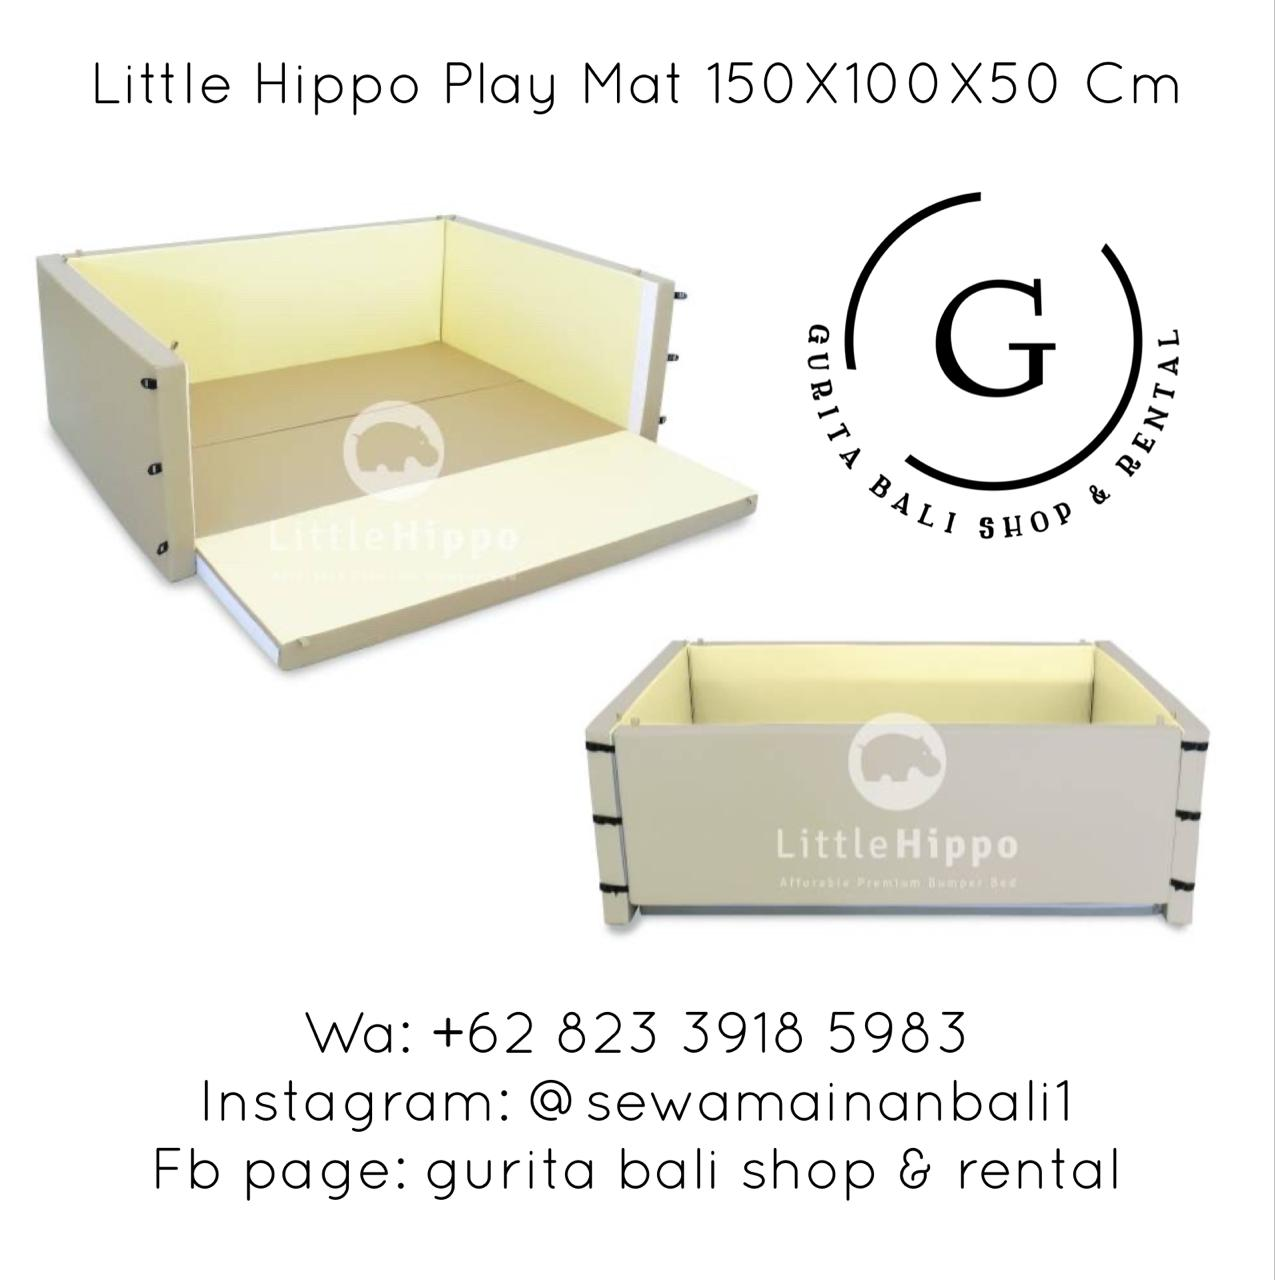 LITTLE HIPPO PLAY MAT